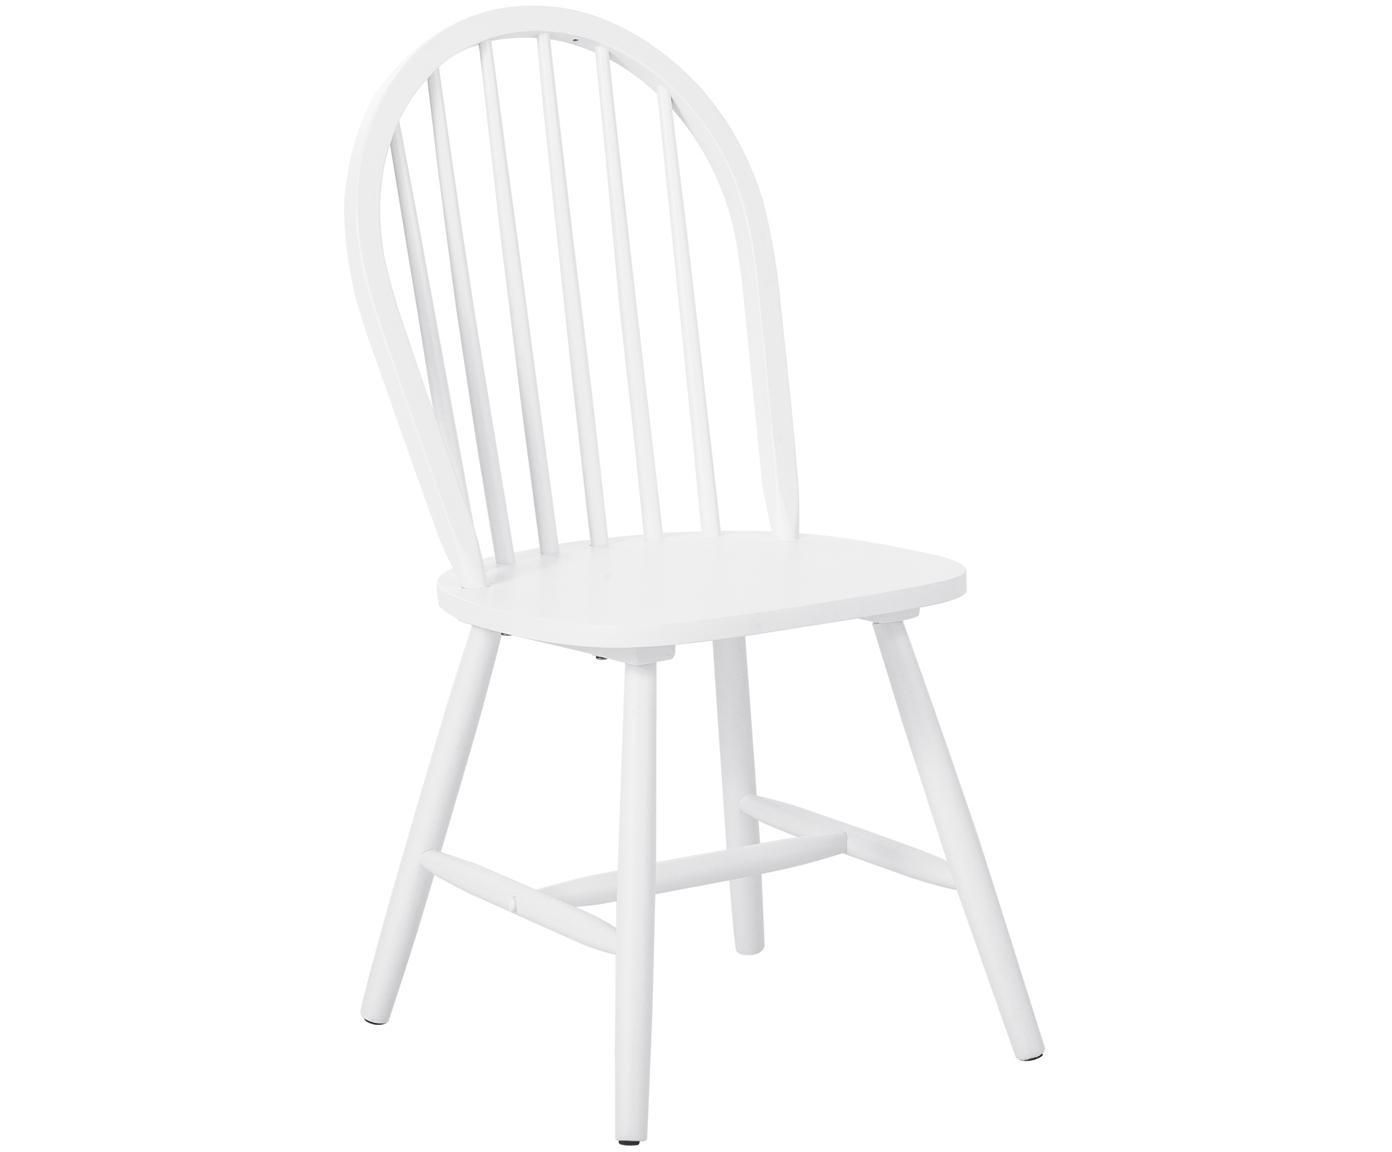 Krzesło z drewna Megan, 2 szt., Drewno kauczukowe, lakierowane, Biały, S 46 x G 51 cm